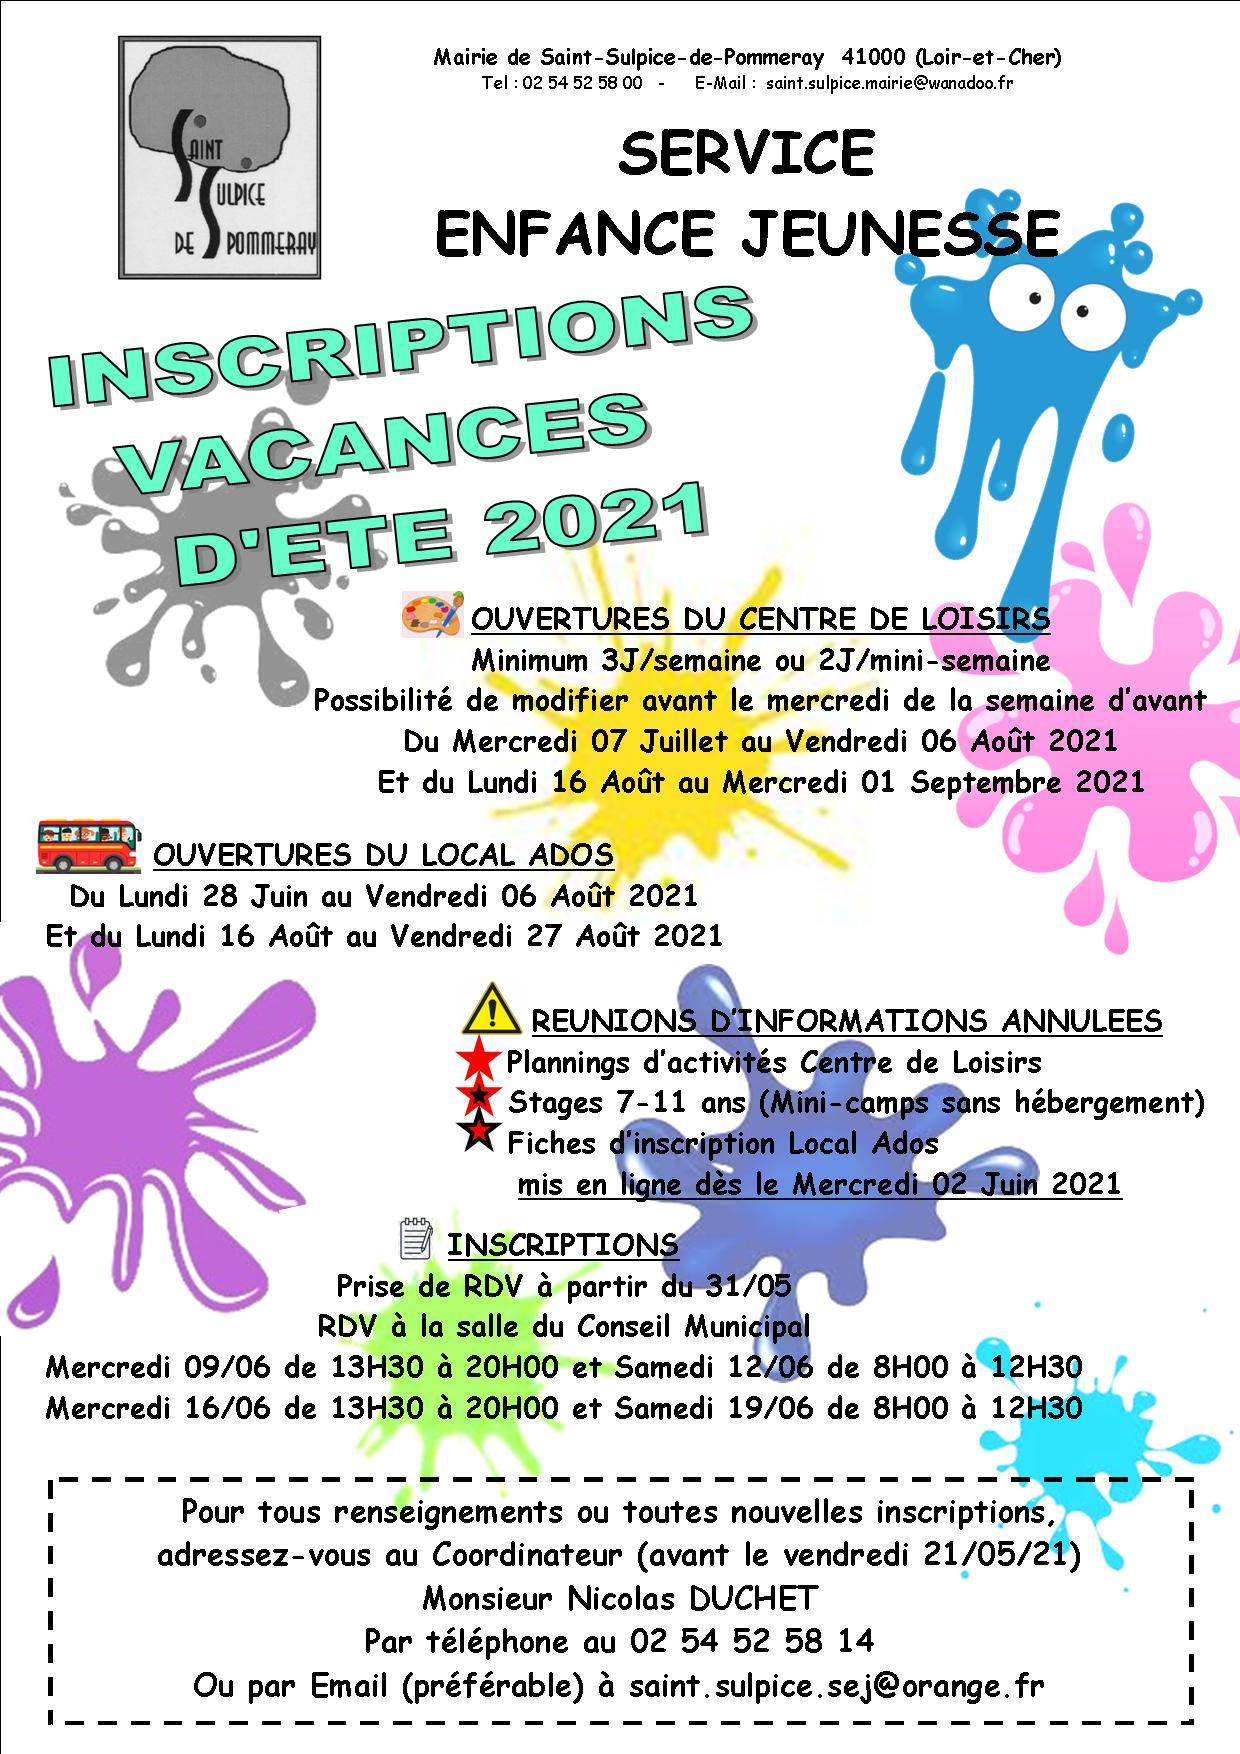 INSCRIPTIONS DES VACANCES D'ETE 2021